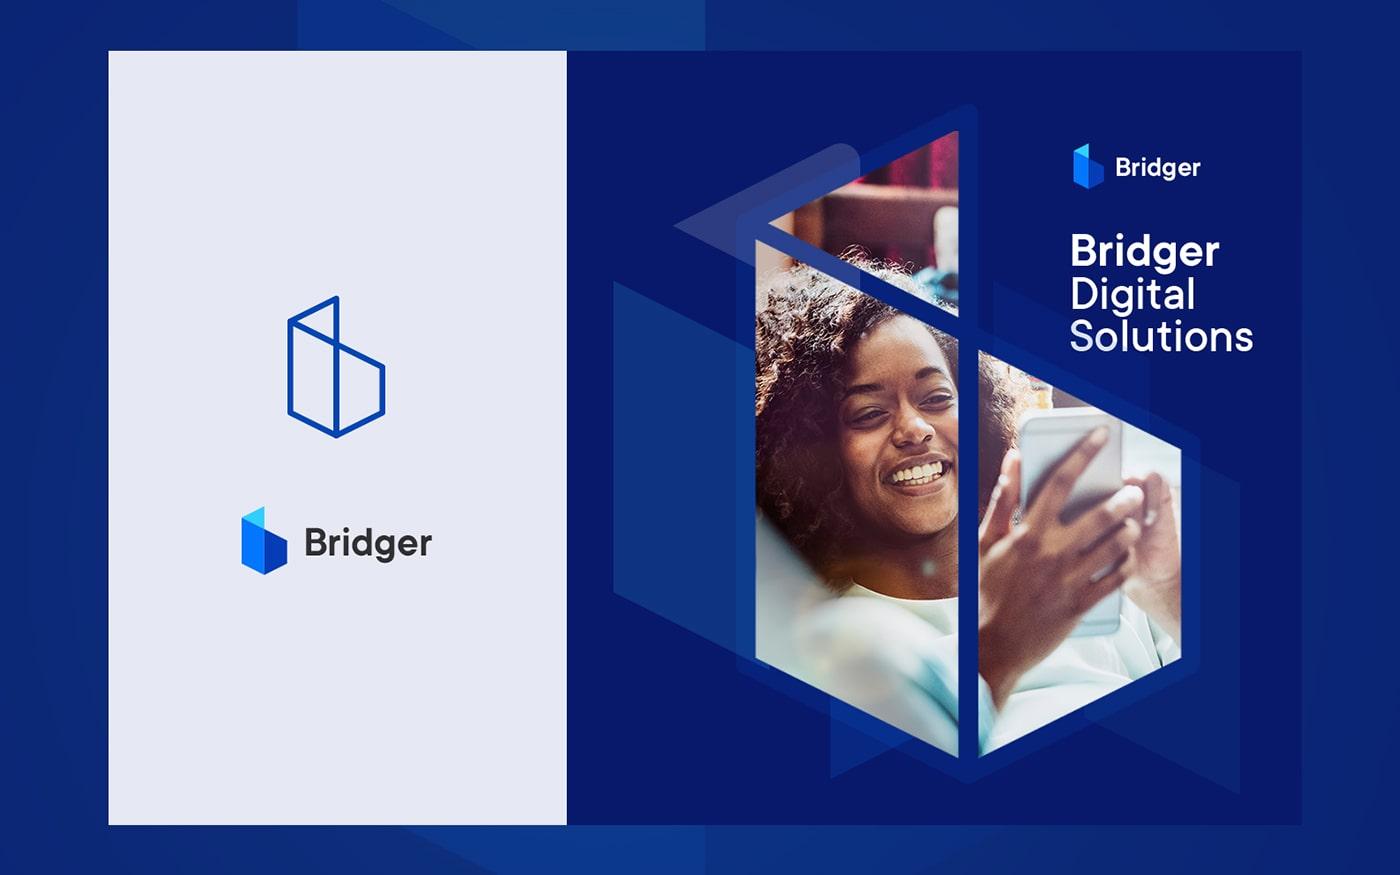 bridger-logo-image